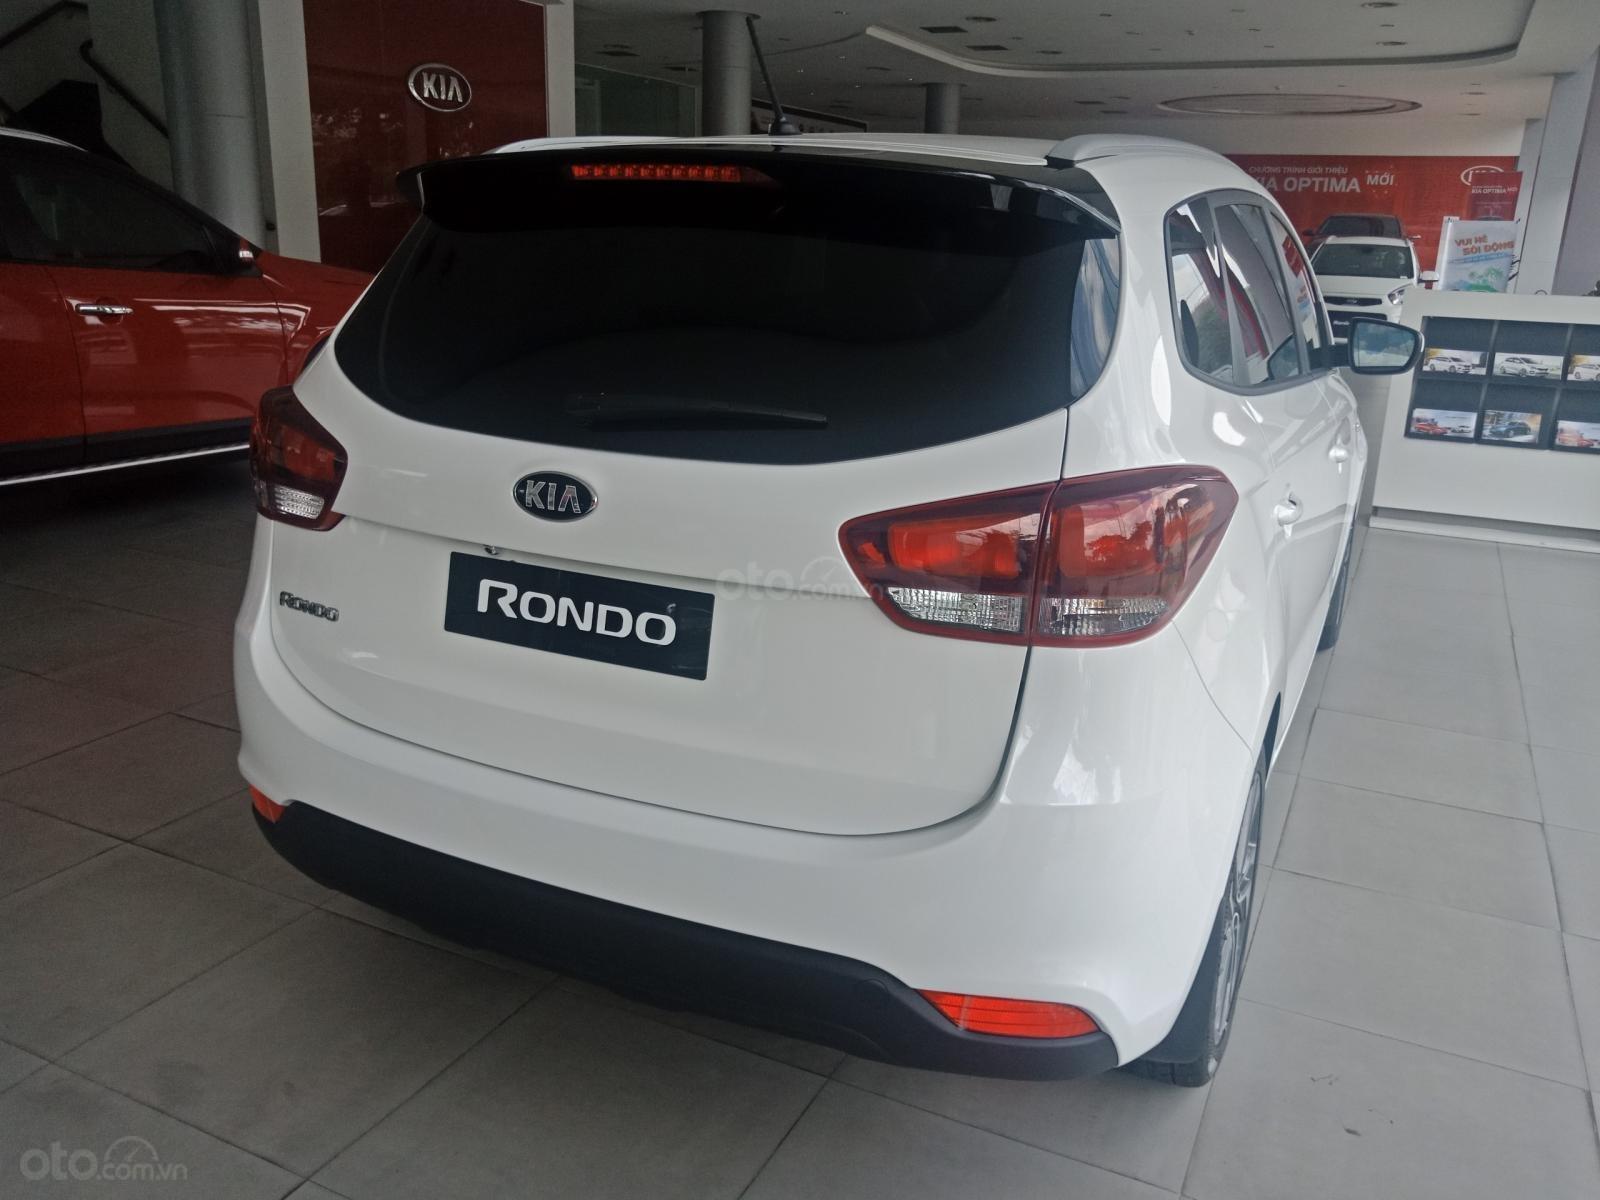 Kia Rondo 2019 nhiều cải tiến giá hấp dẫn có nhiều ưu đãi, có sẵn xe giao ngay-6